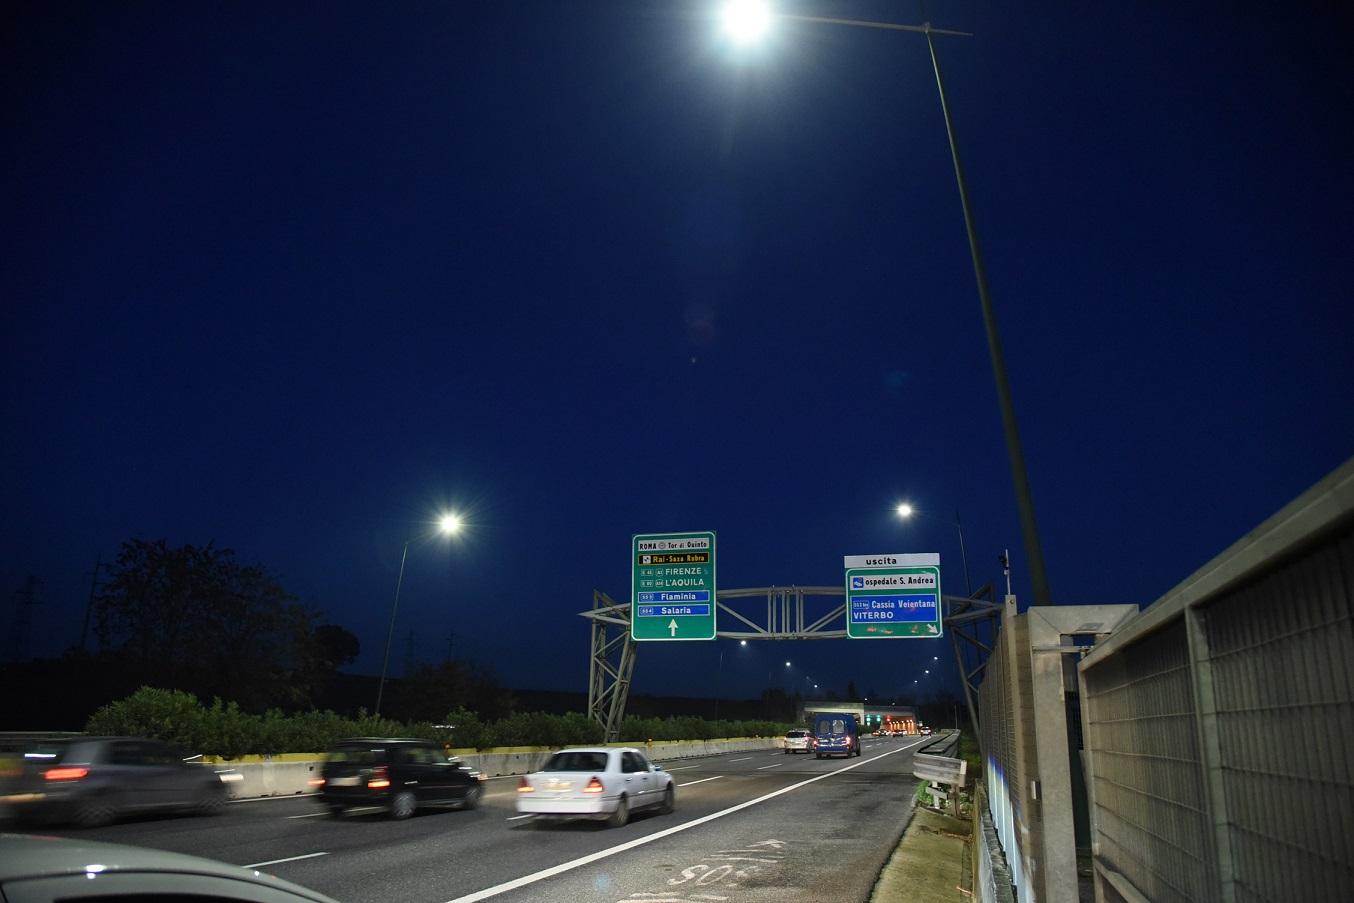 Chiusura notturna bivio con GRA per chi si dirige verso la SS6 Casilina da autostrada A1. Chiusa anche la rampa di svincolo da GRA verso Roma Sud